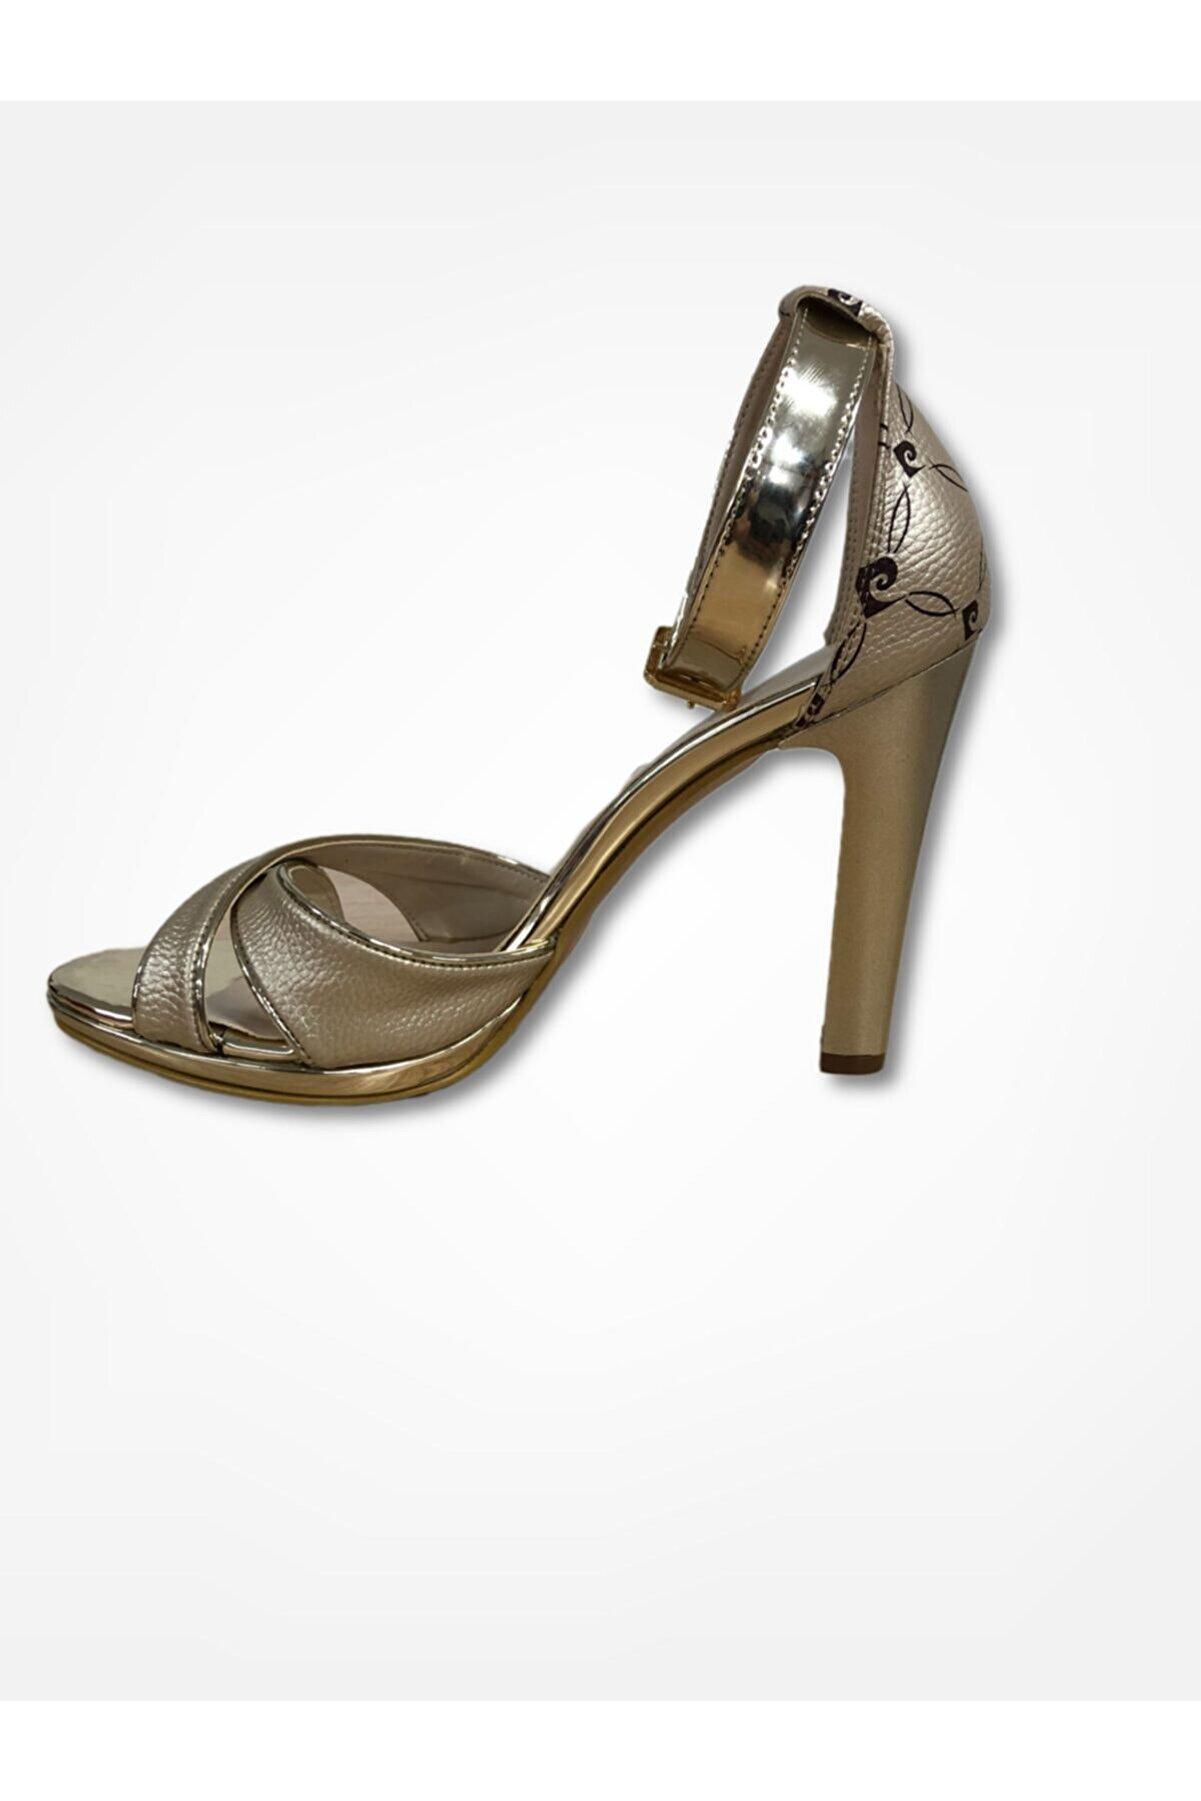 Pierre Cardin Kadın Altın Klasik Topuklu Ayakkabı 91036